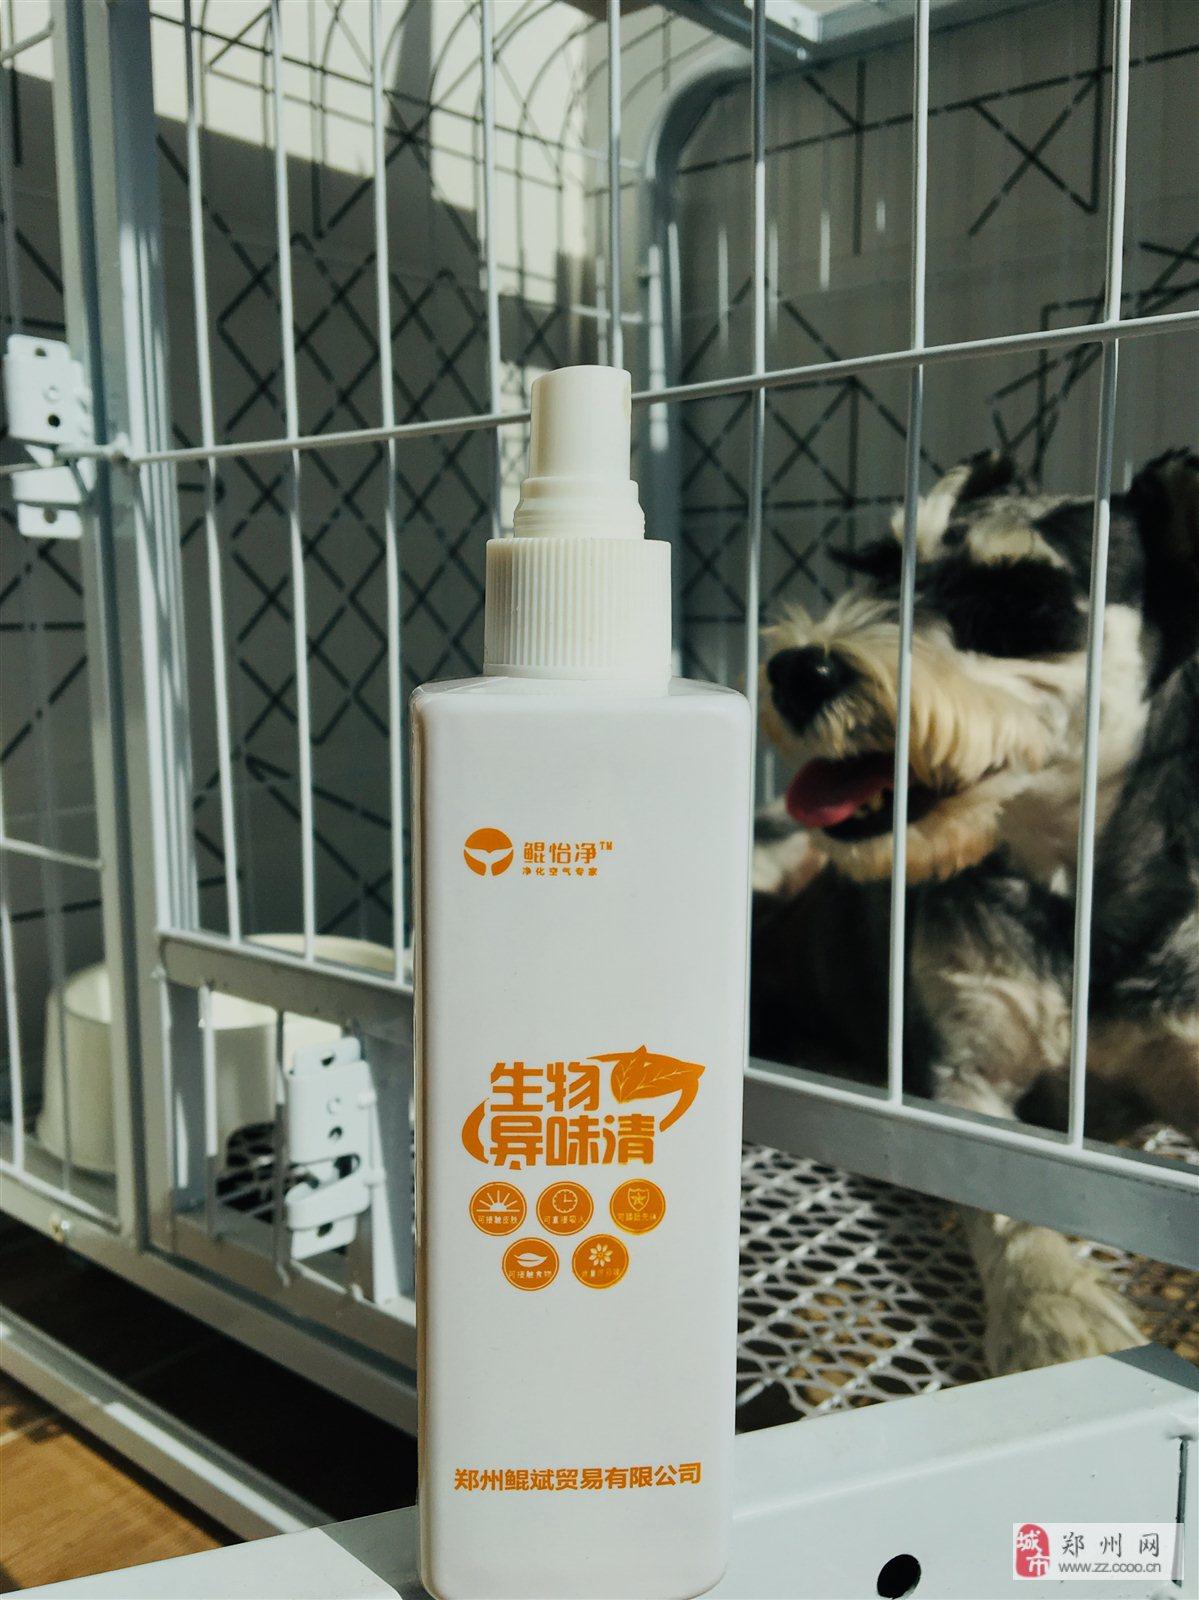 寵物生物酶除臭劑,安全環保,除臭高效